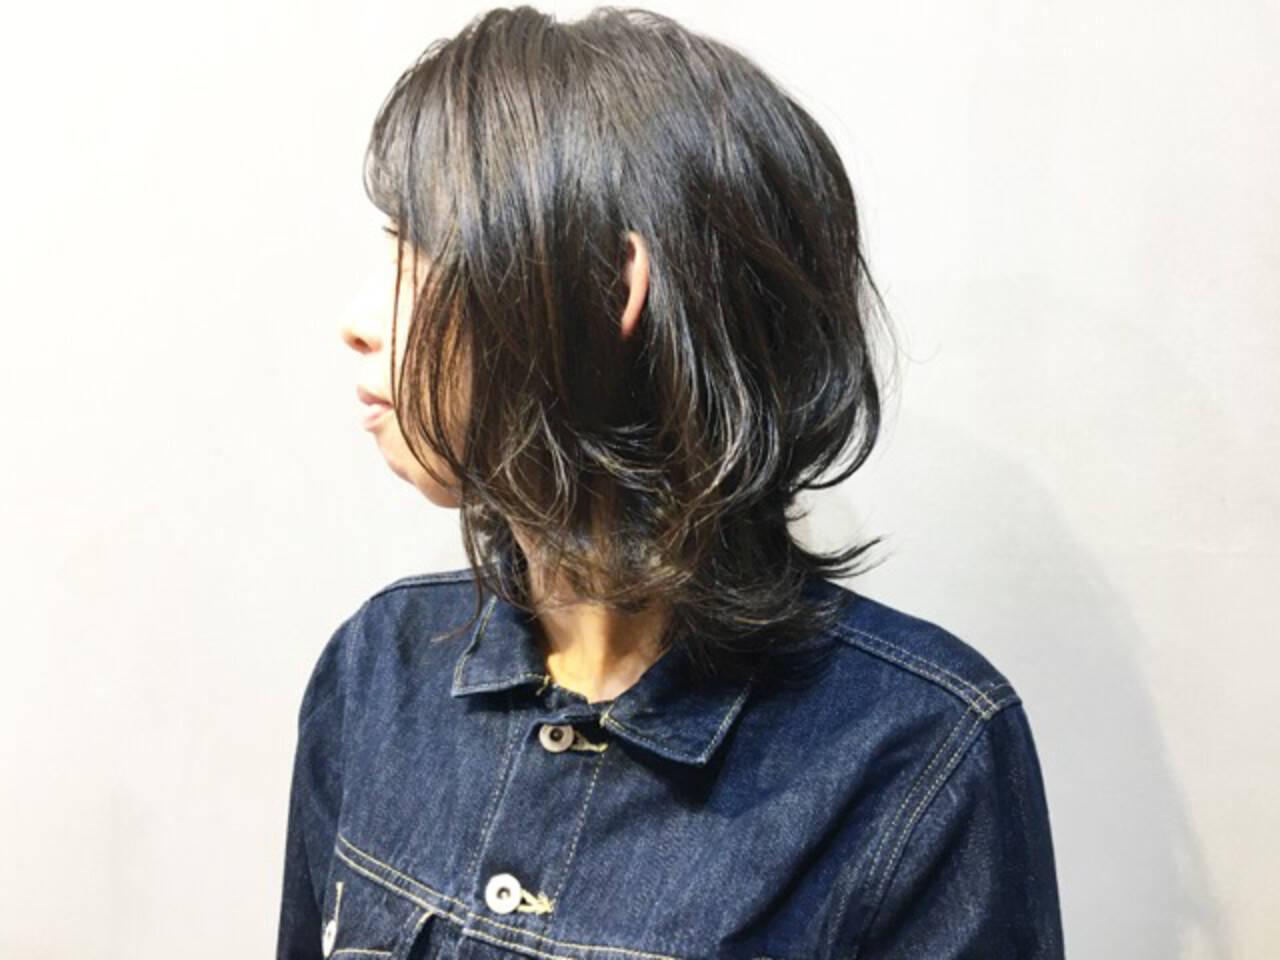 ウルフ ニュアンスウルフ ナチュラルウルフ ウルフカットヘアスタイルや髪型の写真・画像